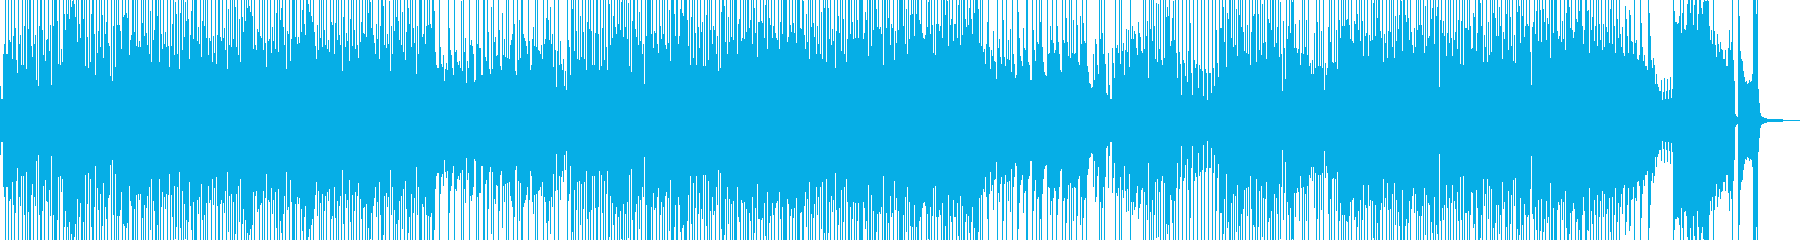 軽快・喜劇的なカントリーポップ 長尺の再生済みの波形